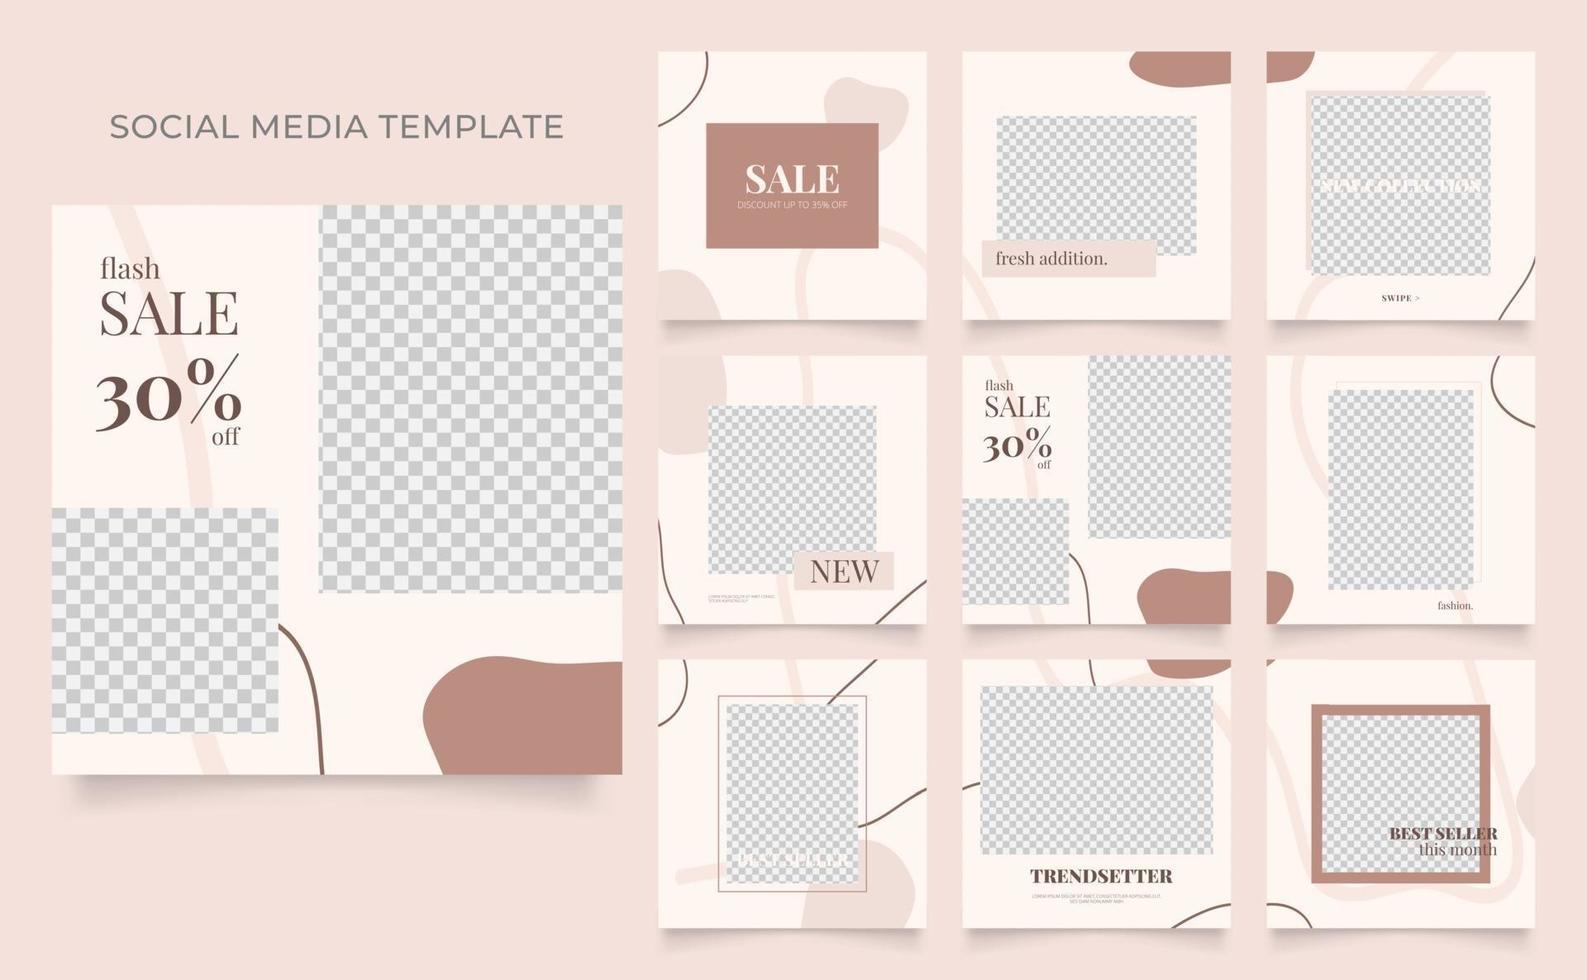 promozione di vendita di moda di blog di banner modello di social media. poster di vendita organica di puzzle con cornice quadrata completamente modificabile. sfondo vettoriale marrone rosso beige